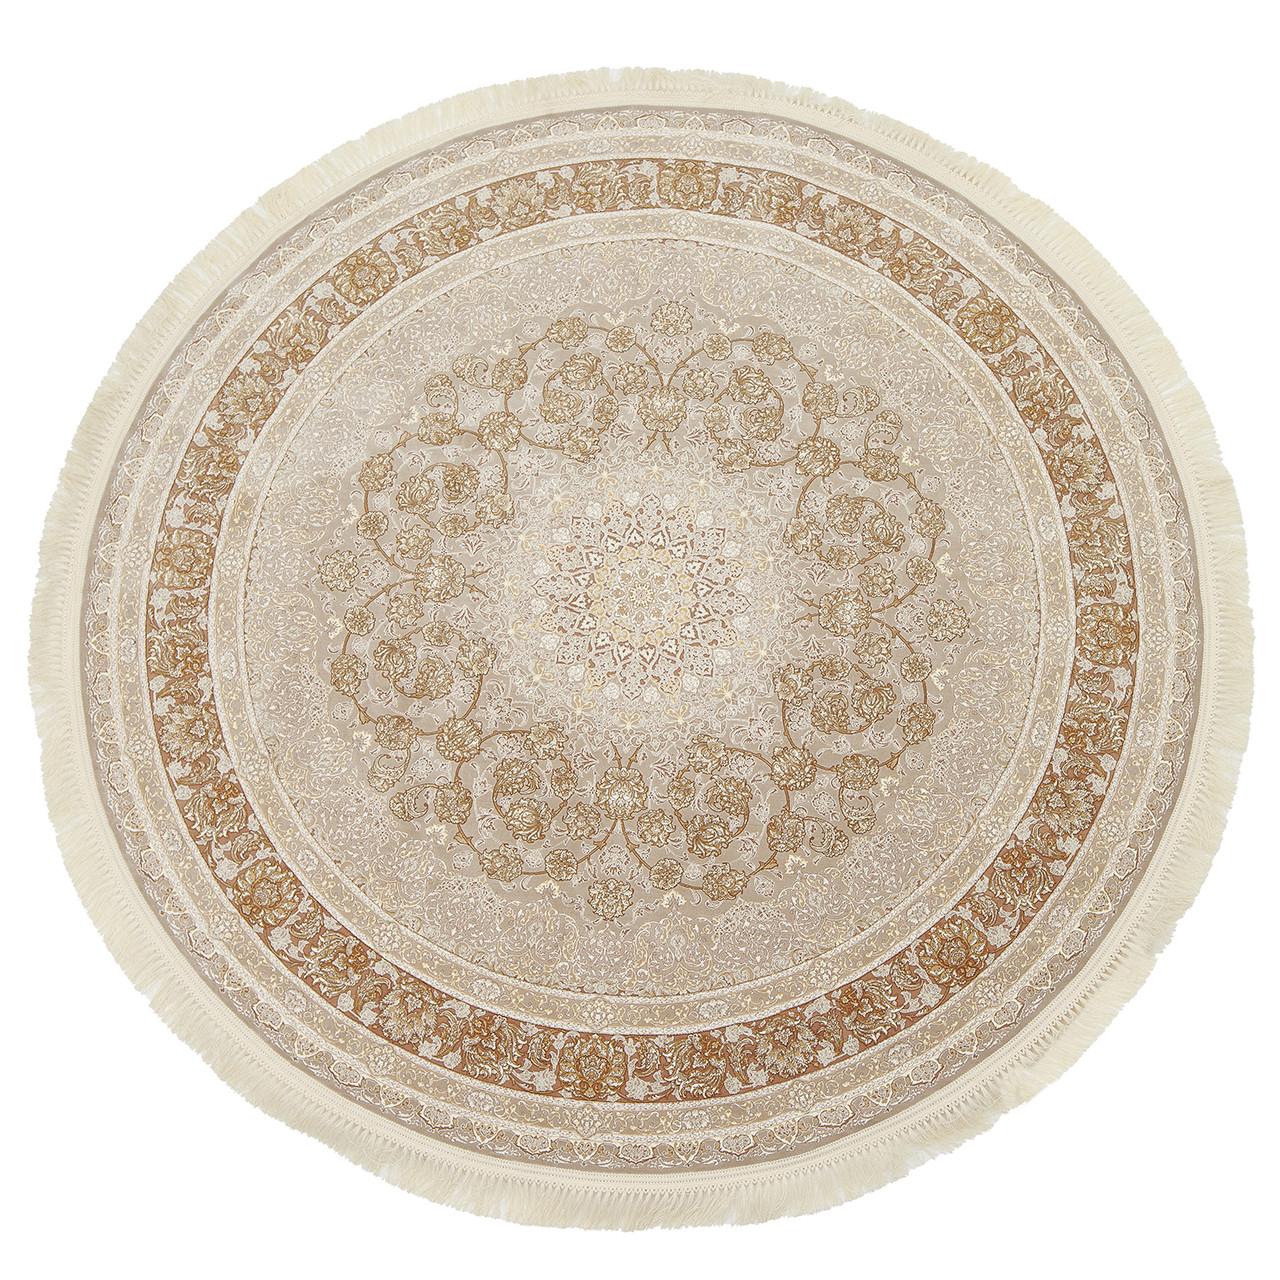 Коврик восточная классика XYPPEM G142 1,5Х1,5 КРЕМОВЫЙ круг